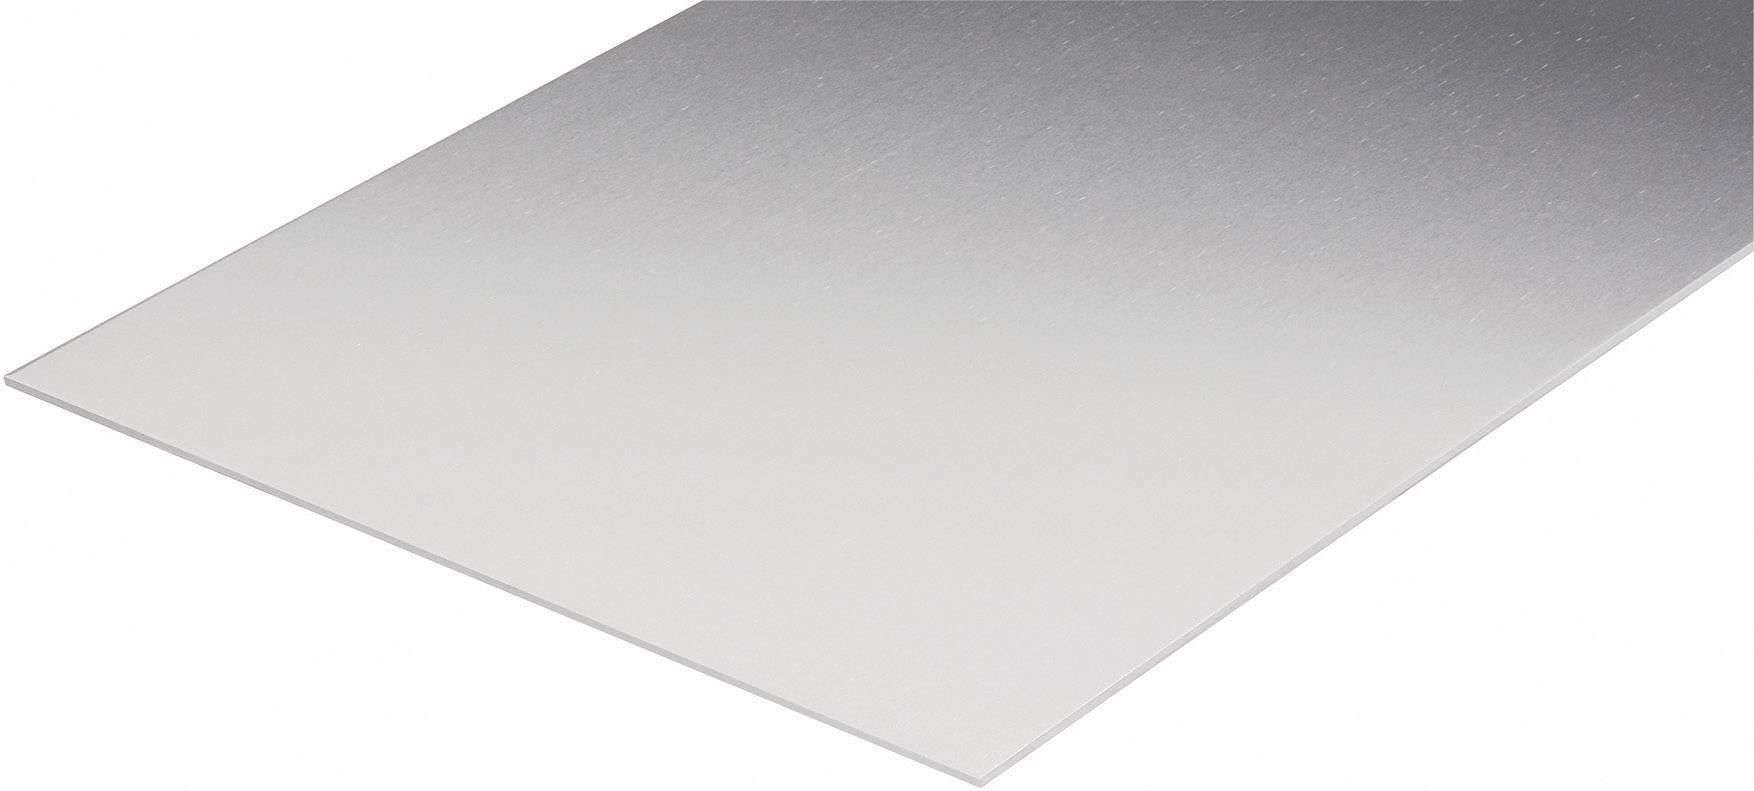 Hliníková deska Al-Mg 3 Modelcraft, 400 x 200 x 2 mm